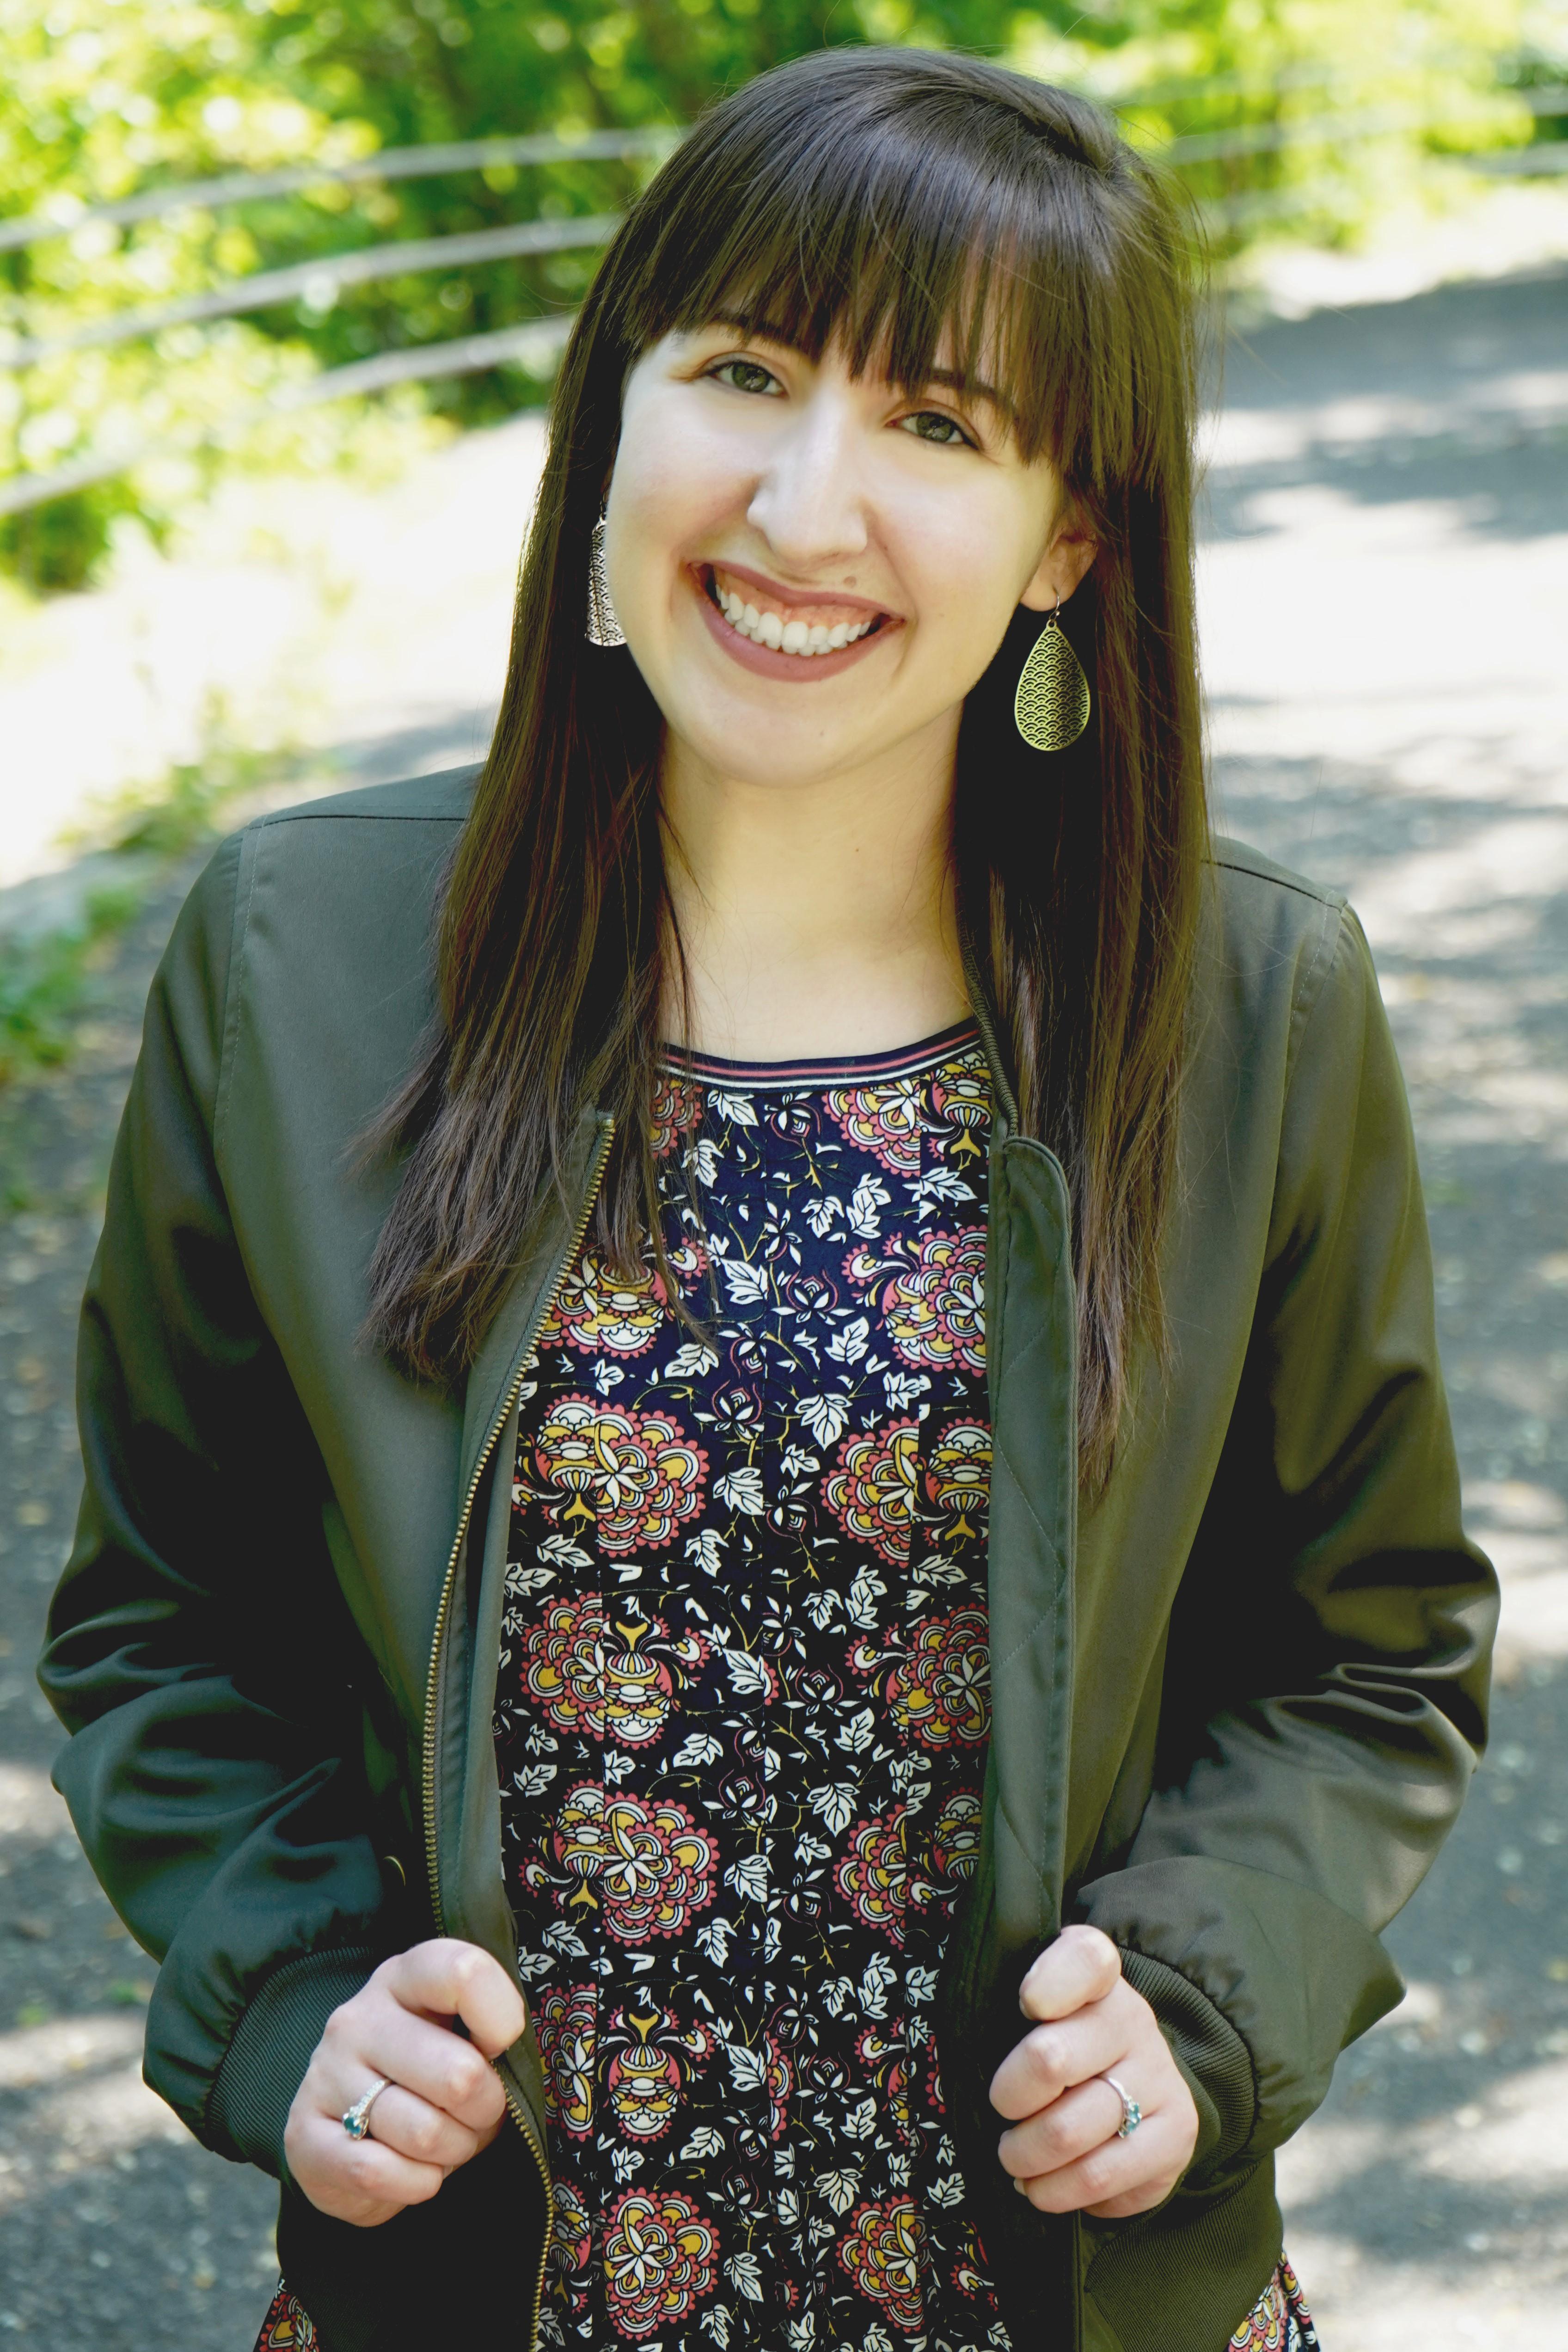 Marisa Kanter Author Photo (credit to Sam Cheung)